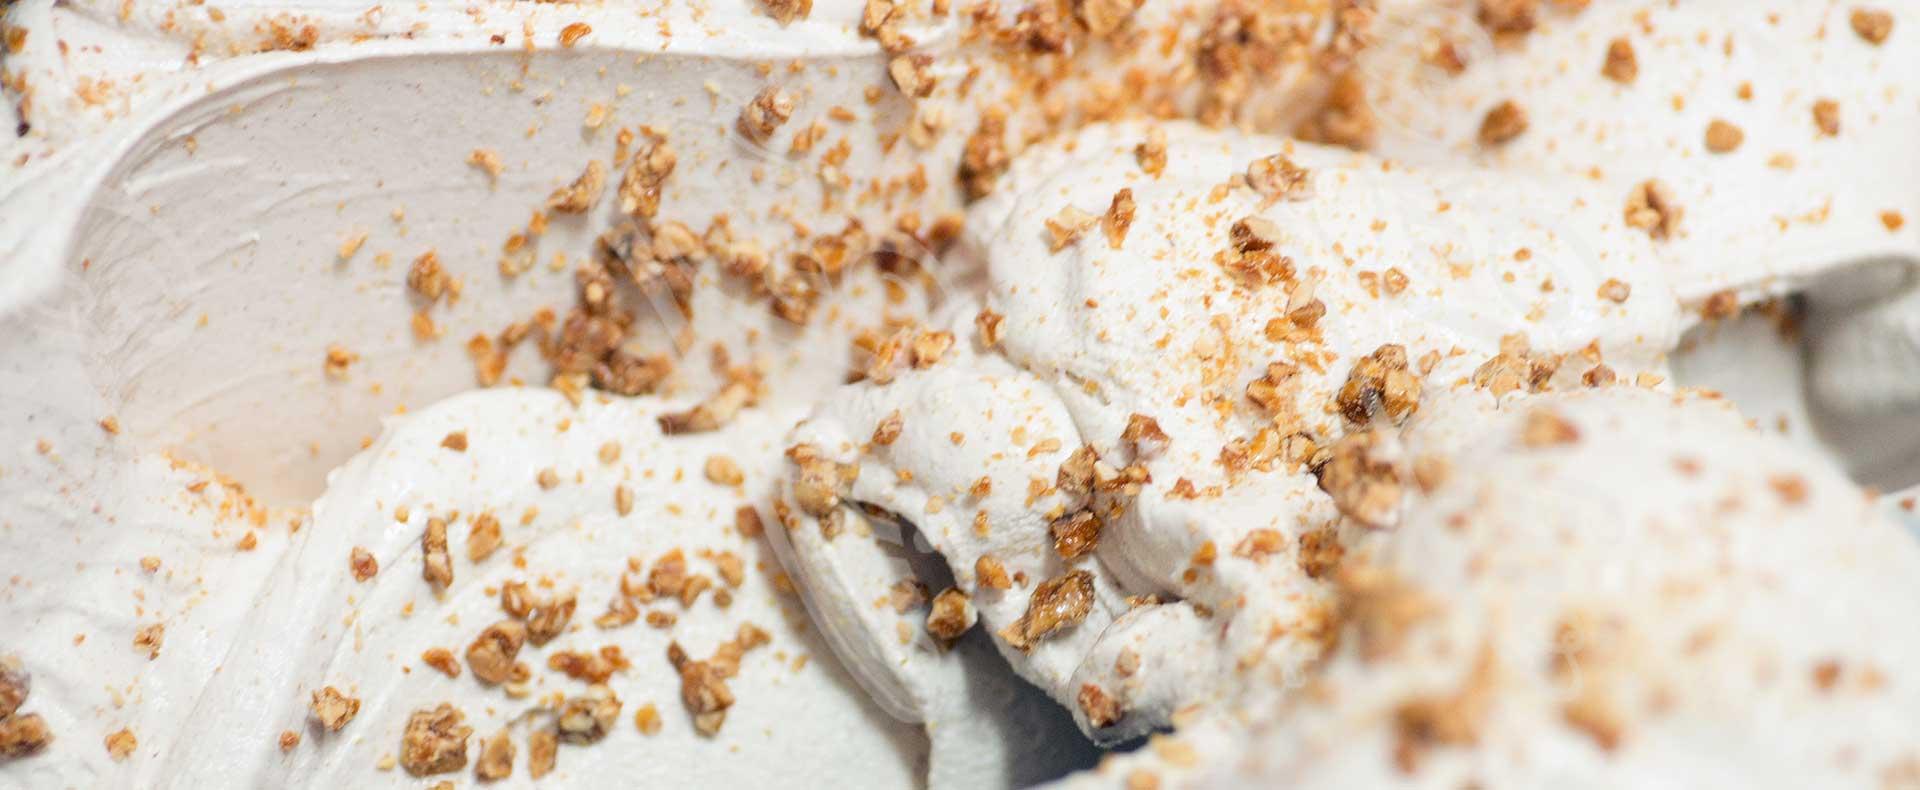 helado de turrón artesano Confiteria Rufino Aracena